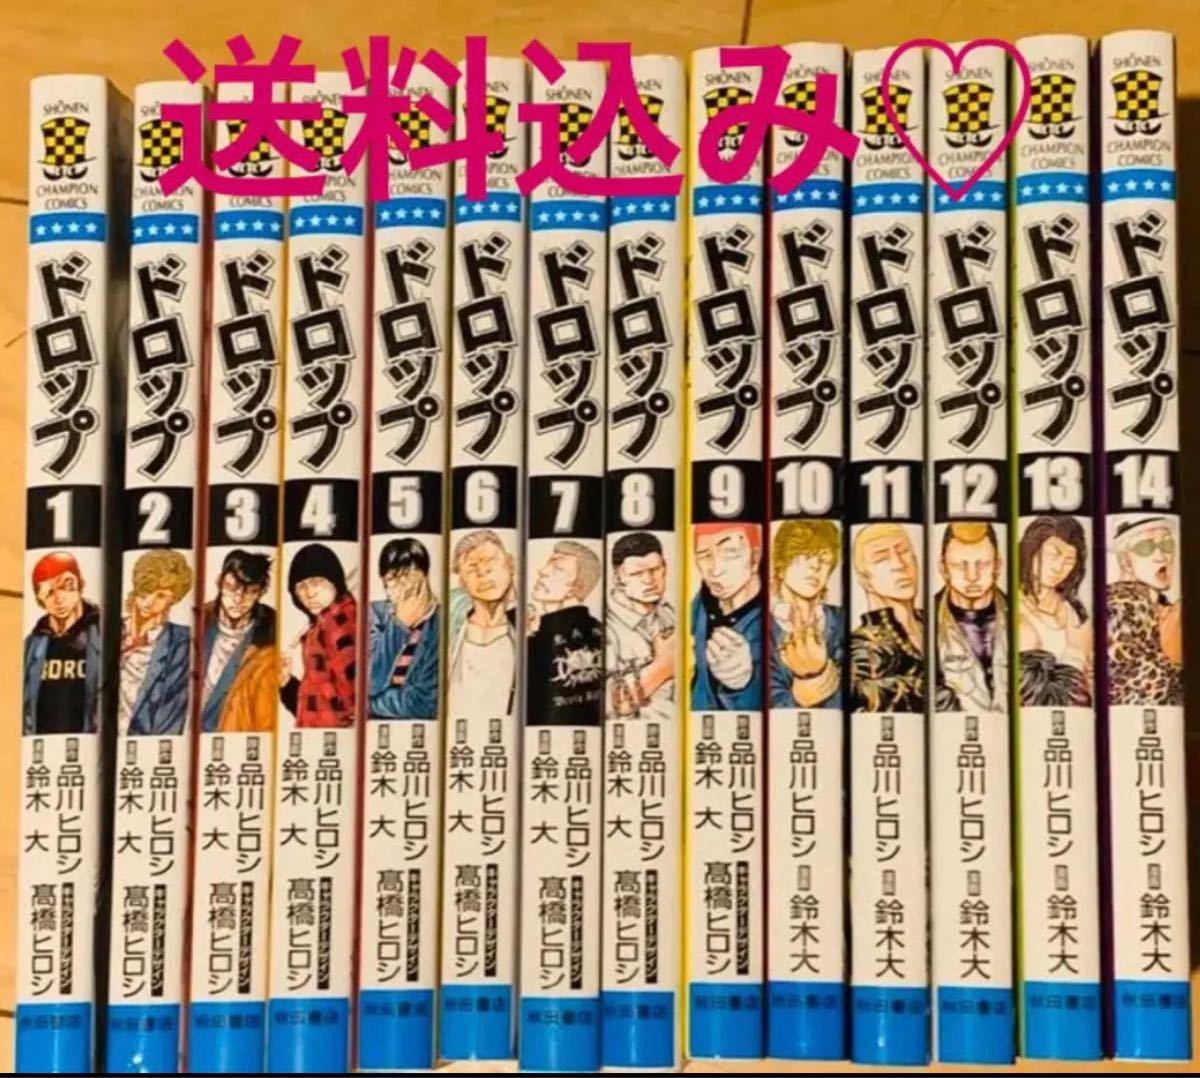 全巻ドロップ 1〜14巻+ドロップOG1〜3巻 全17冊まとめ売り